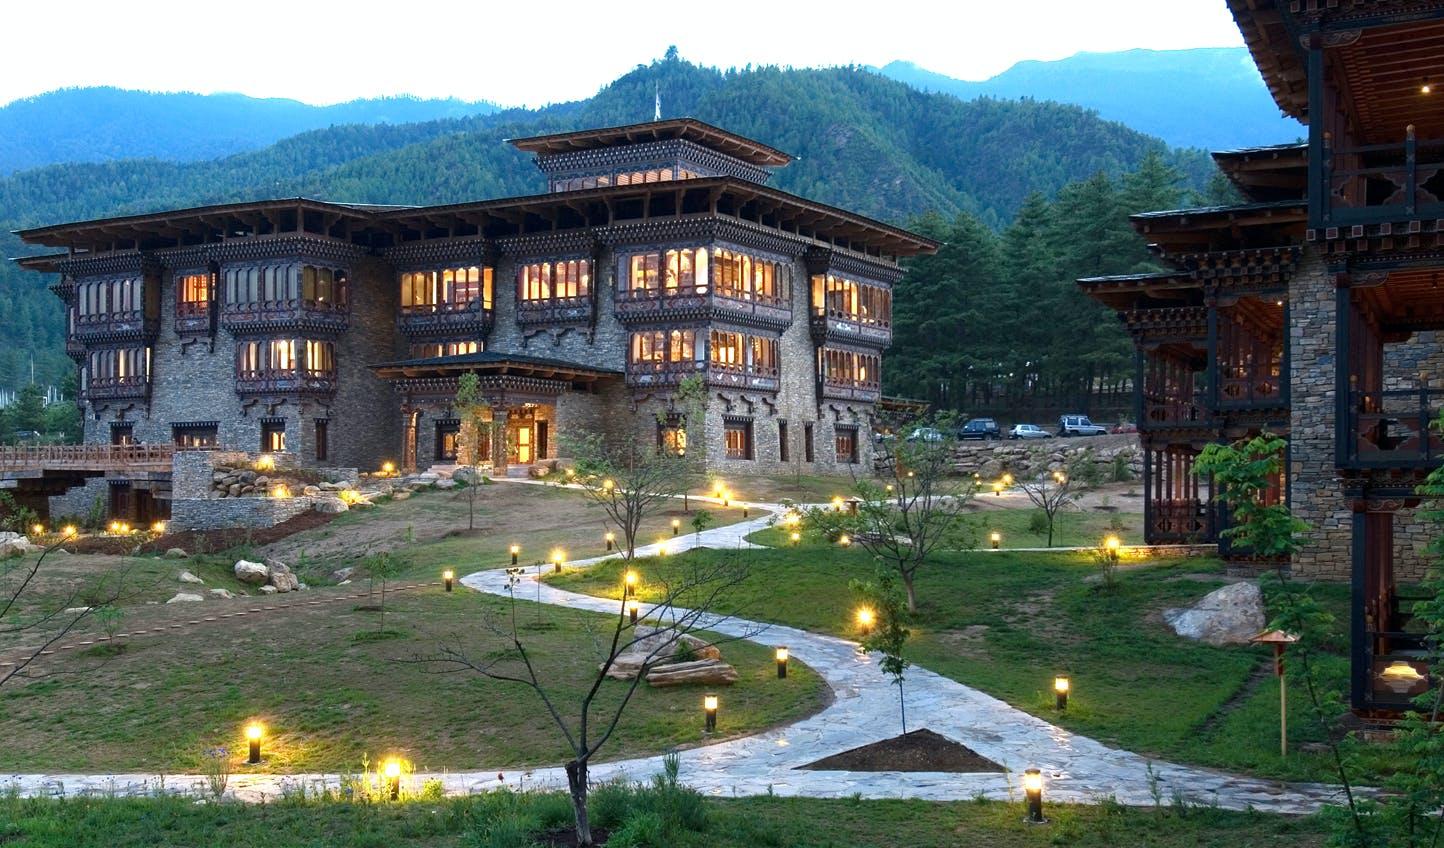 Zhiwa Ling | Luxury Hotels in Bhutan